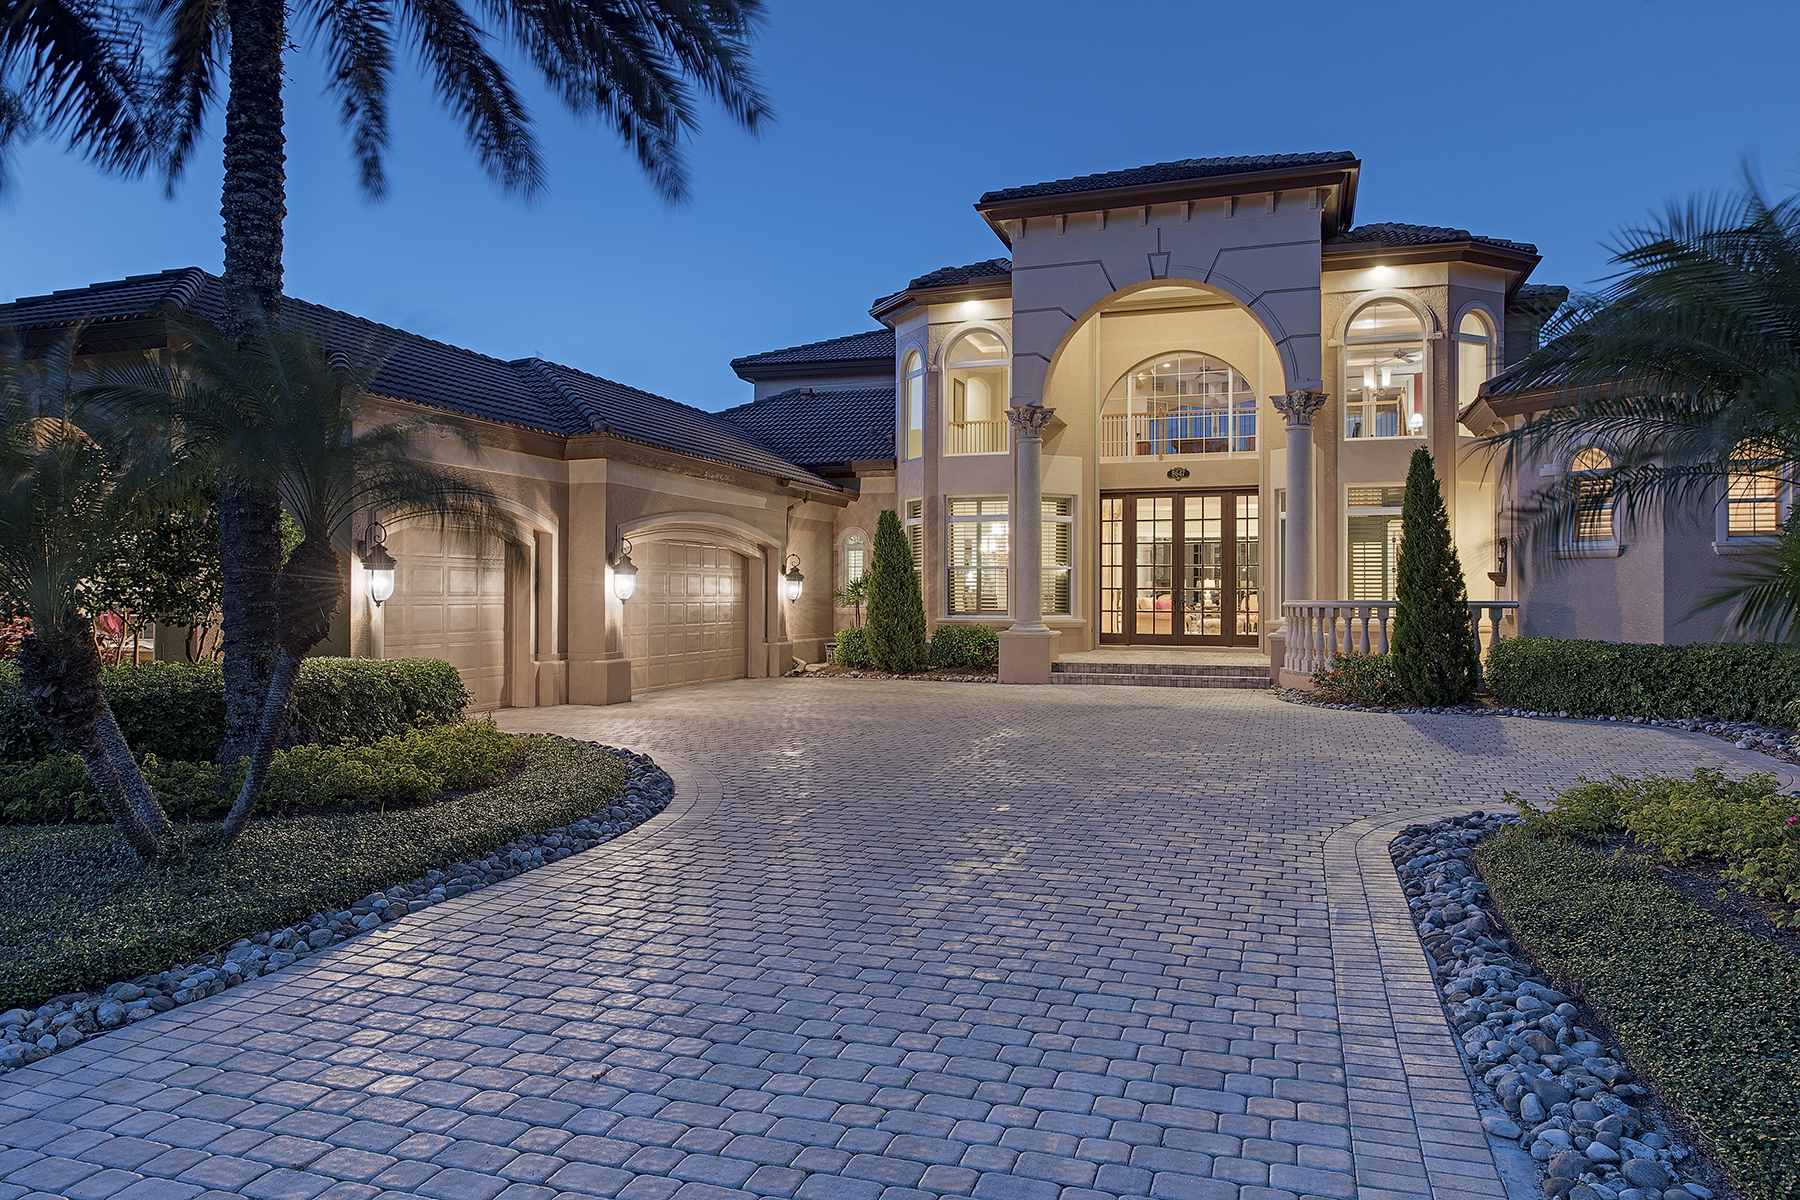 一戸建て のために 売買 アット PELICAN MARSH - BAY LAUREL ESTATES 8647 Blue Flag Way Naples, フロリダ 34109 アメリカ合衆国